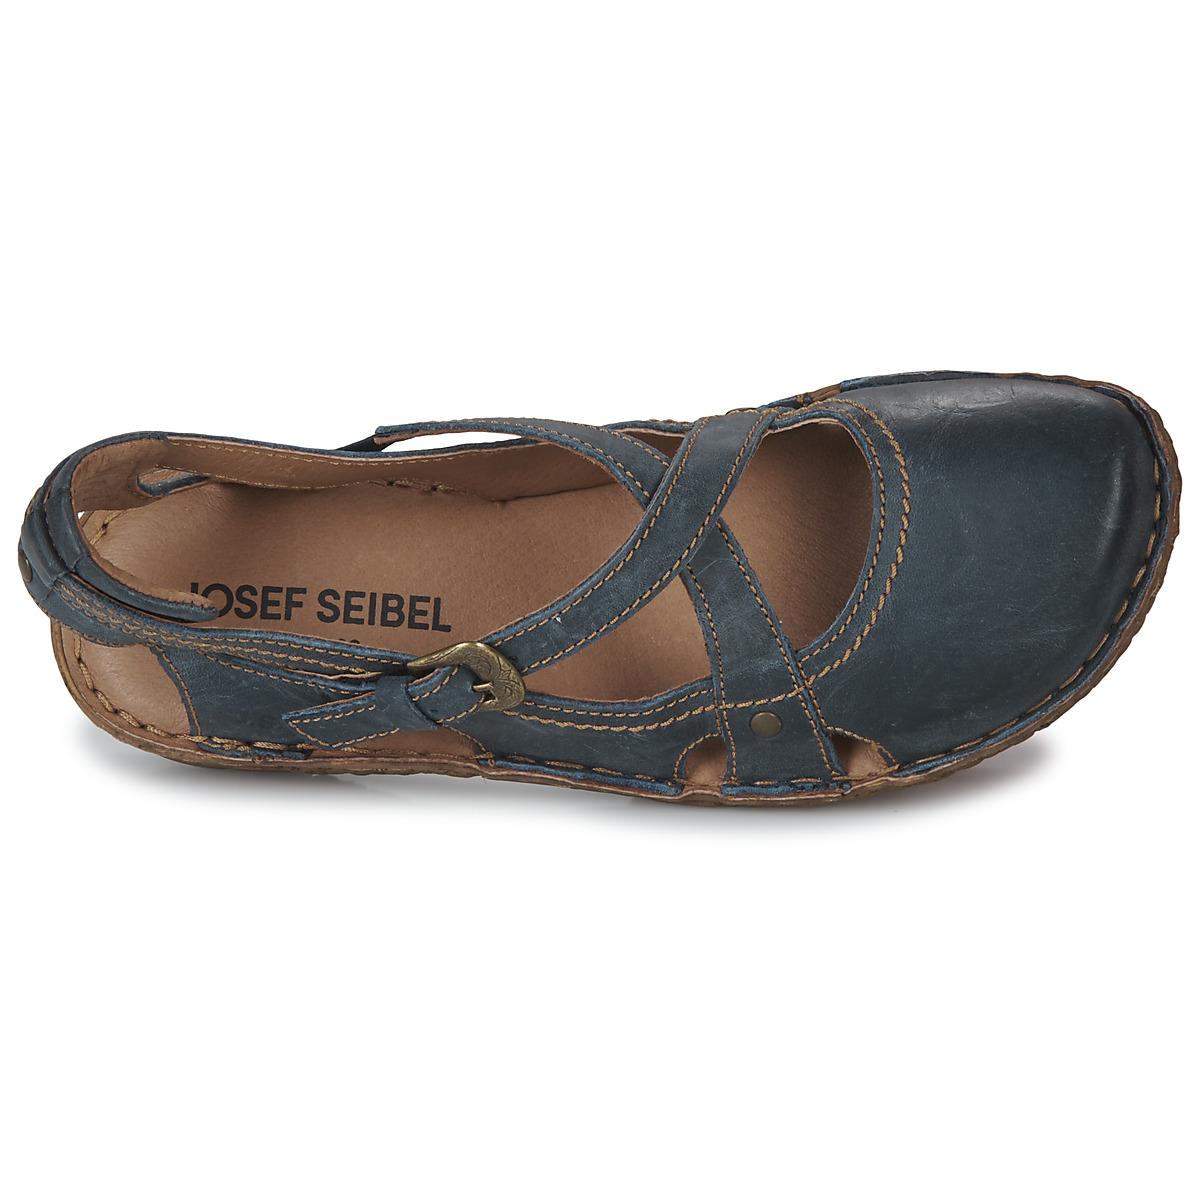 Josef Seibel Rosalie 13 Bleu - Livraison Gratuite Chaussures Sandale Femme 79,95 €